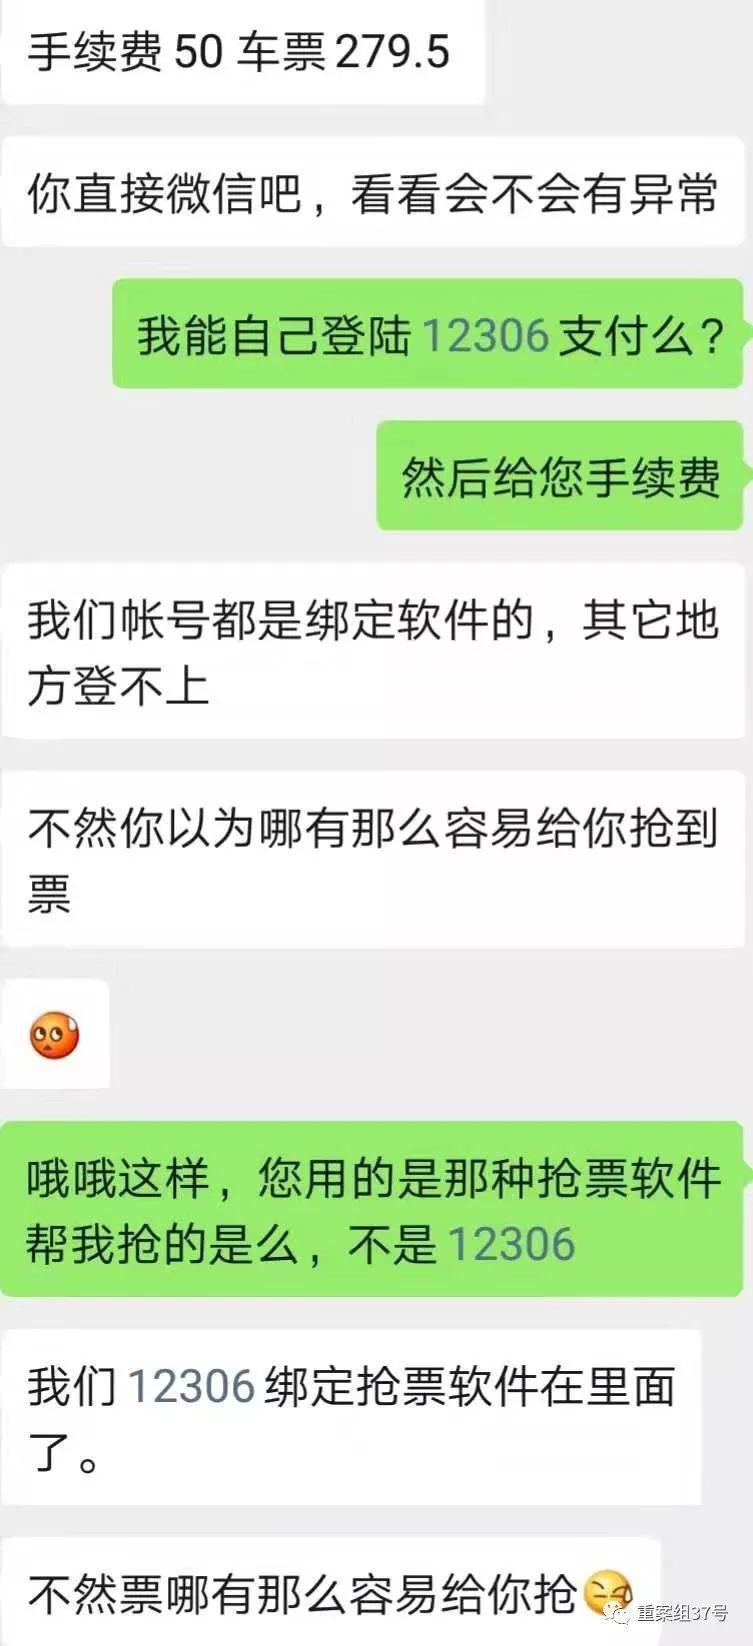 12306 樊篱多个抢票软件,有黄牛 ps 购票订单行骗